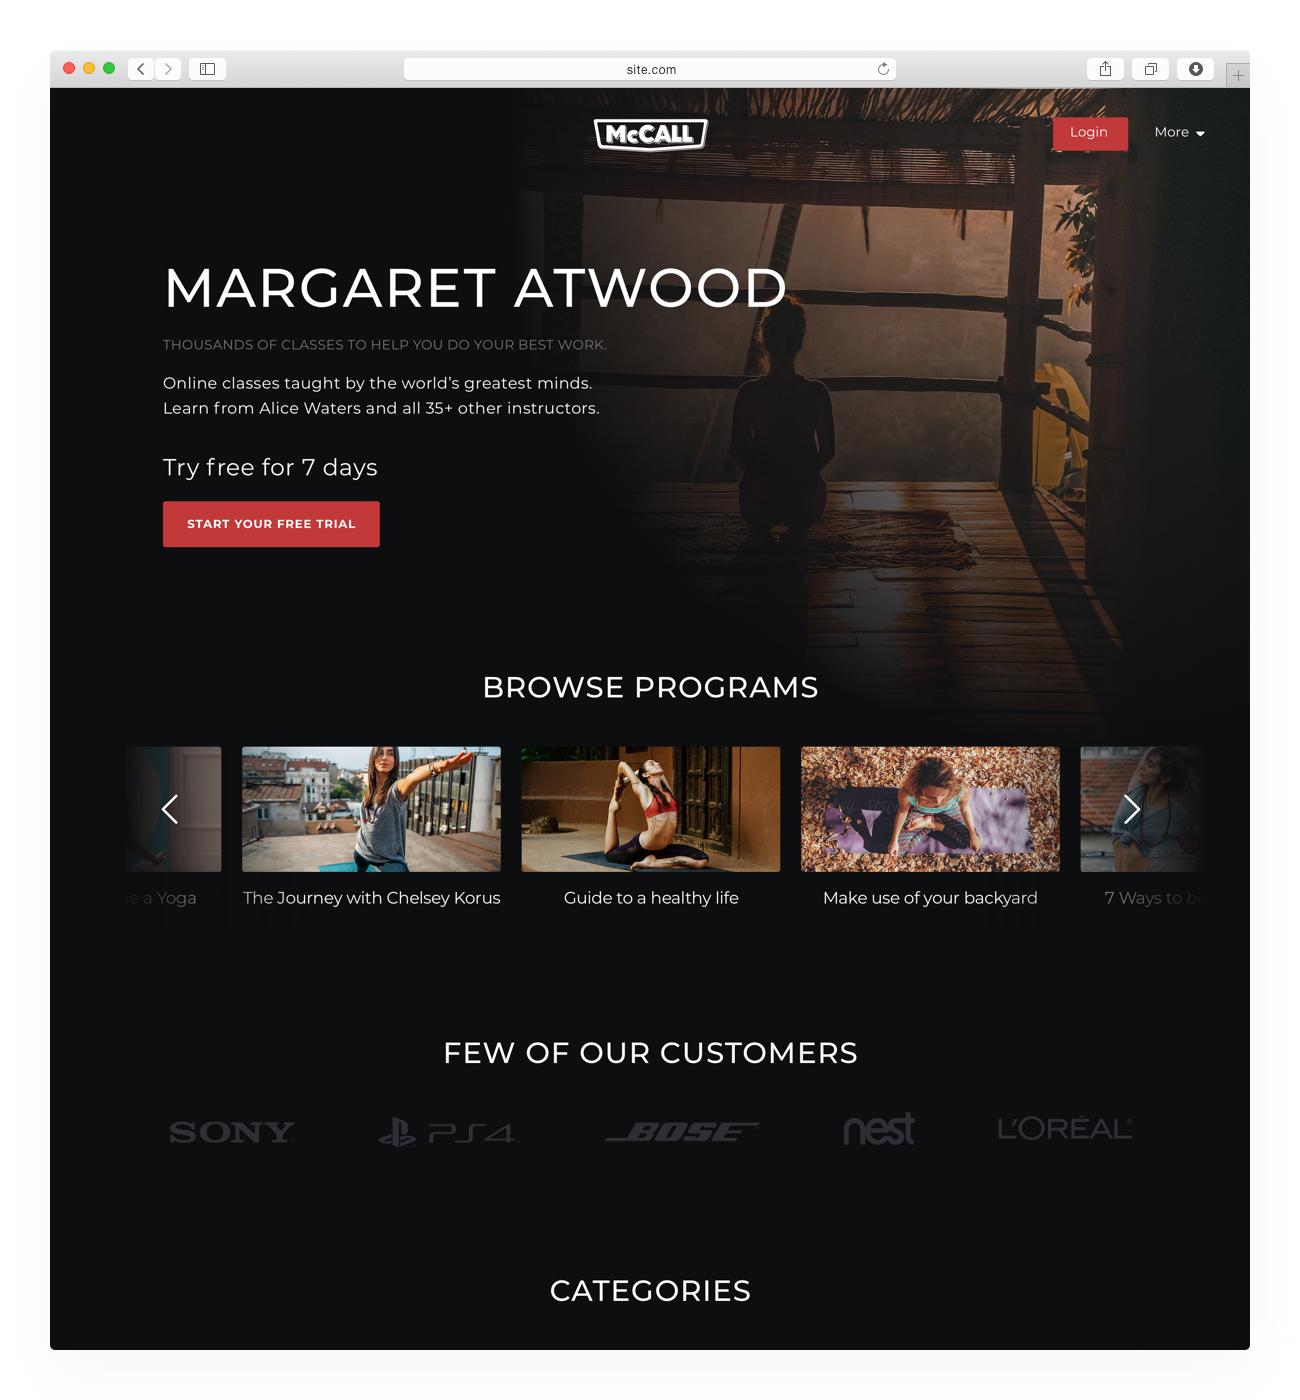 Video Website Template - Uscreen Phoenix